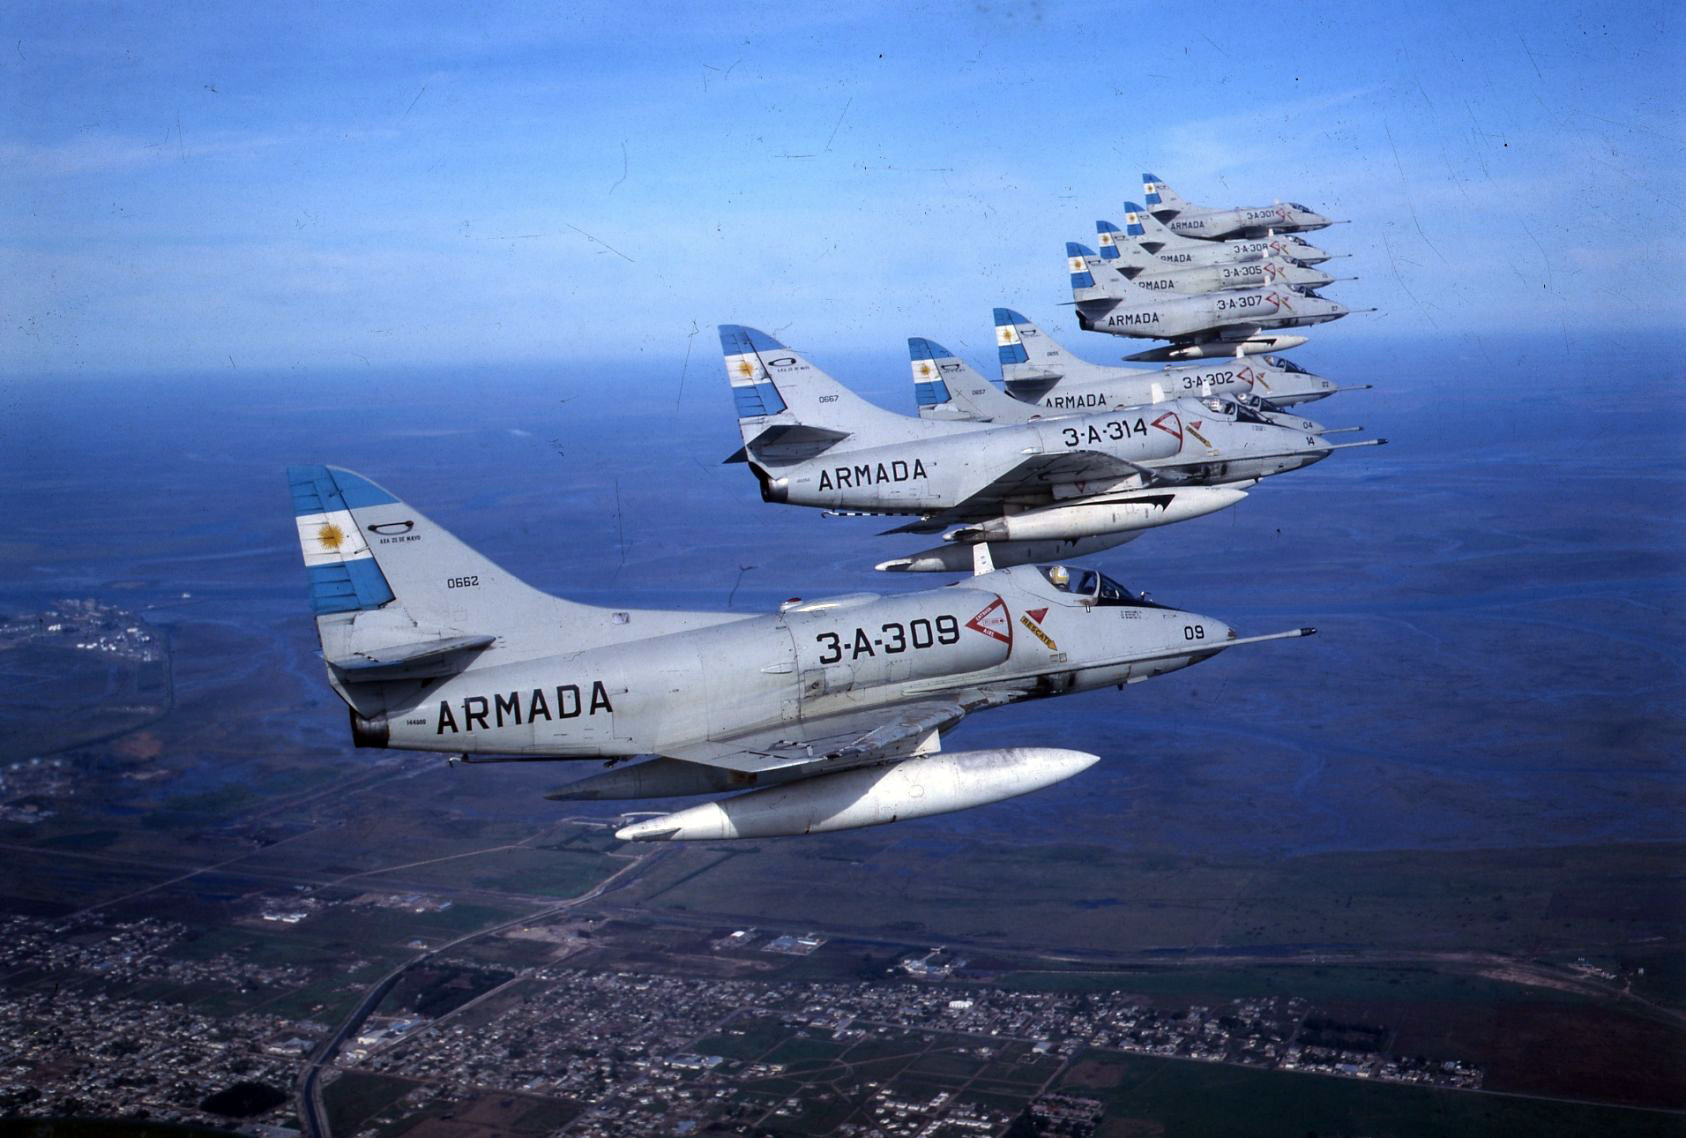 a-4q-da-armada-argentina